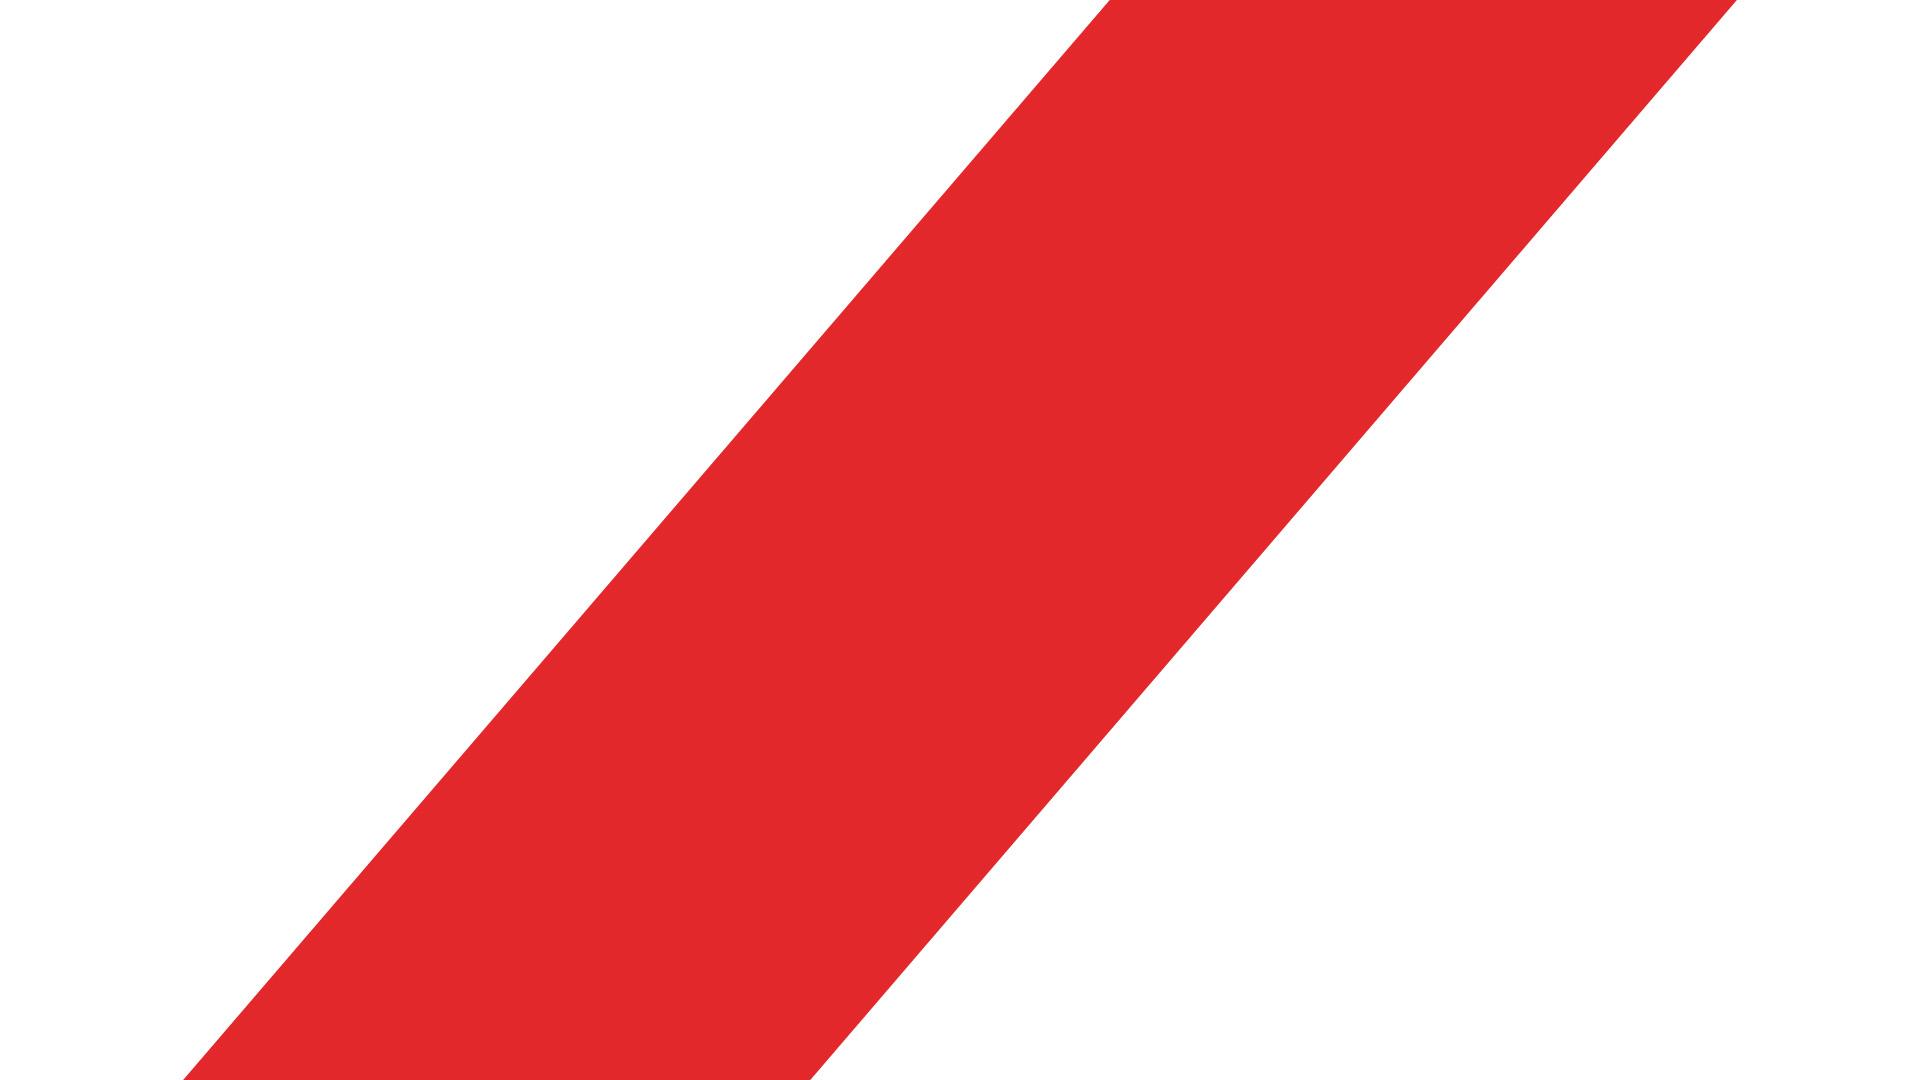 imagenes-de-river-plate-para-fondos-de-pantalla-wallpaper-de-river-banda-roja